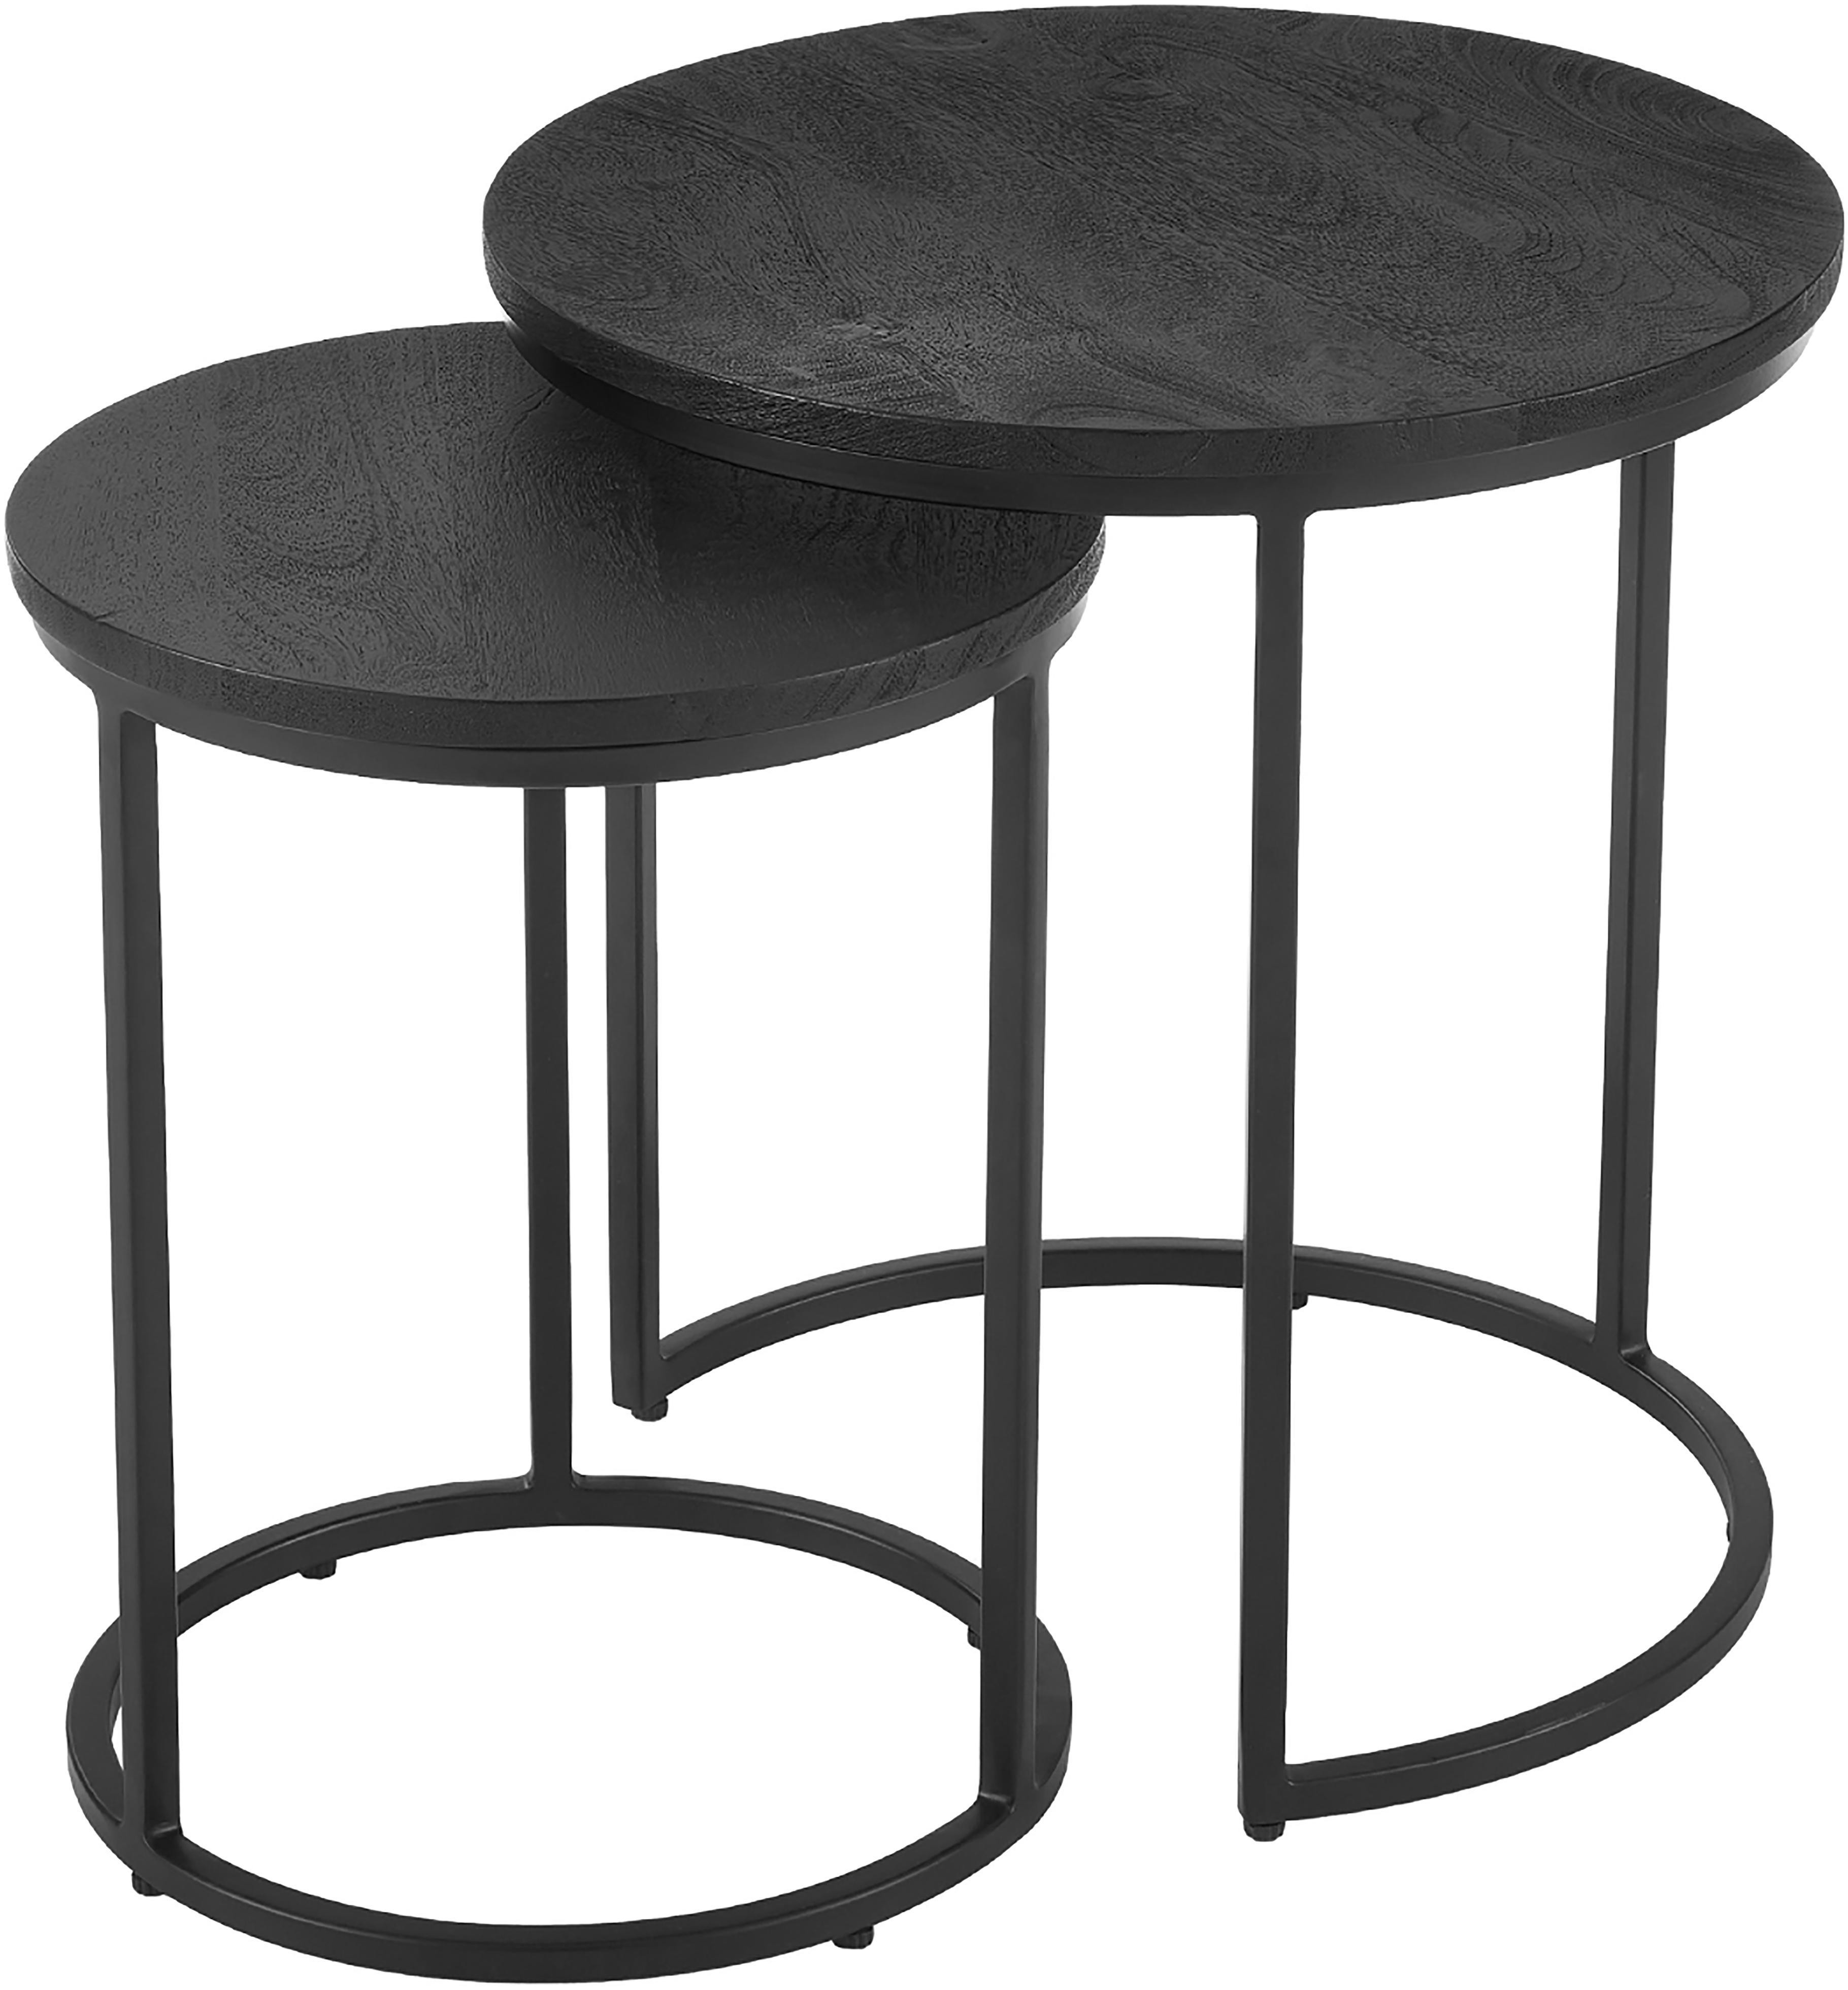 Komplet stolików pomocniczych Andrew, 2 elem., Blat: lite drewno mangowe, szcz, Stelaż: metal malowany proszkowo, Blaty stołów: drewno mangowe, czarny lakierowany Stelaż: czarny, matowy, Komplet z różnymi rozmiarami